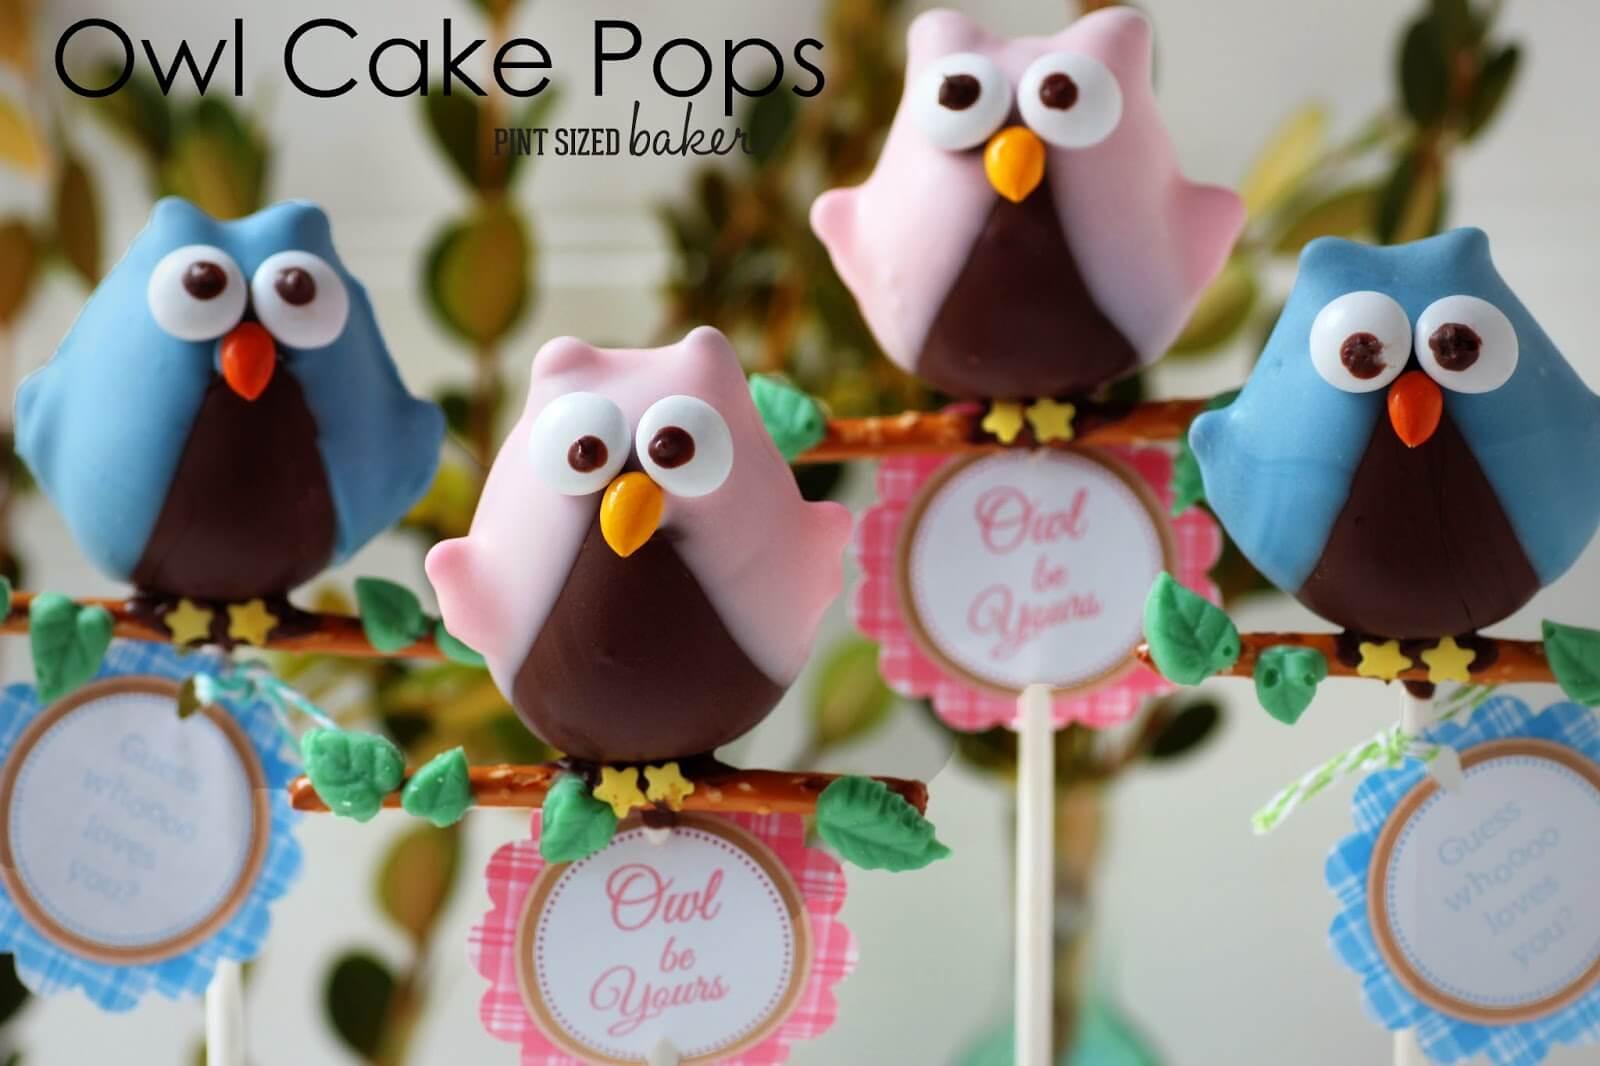 Owl Love You Cake Pops